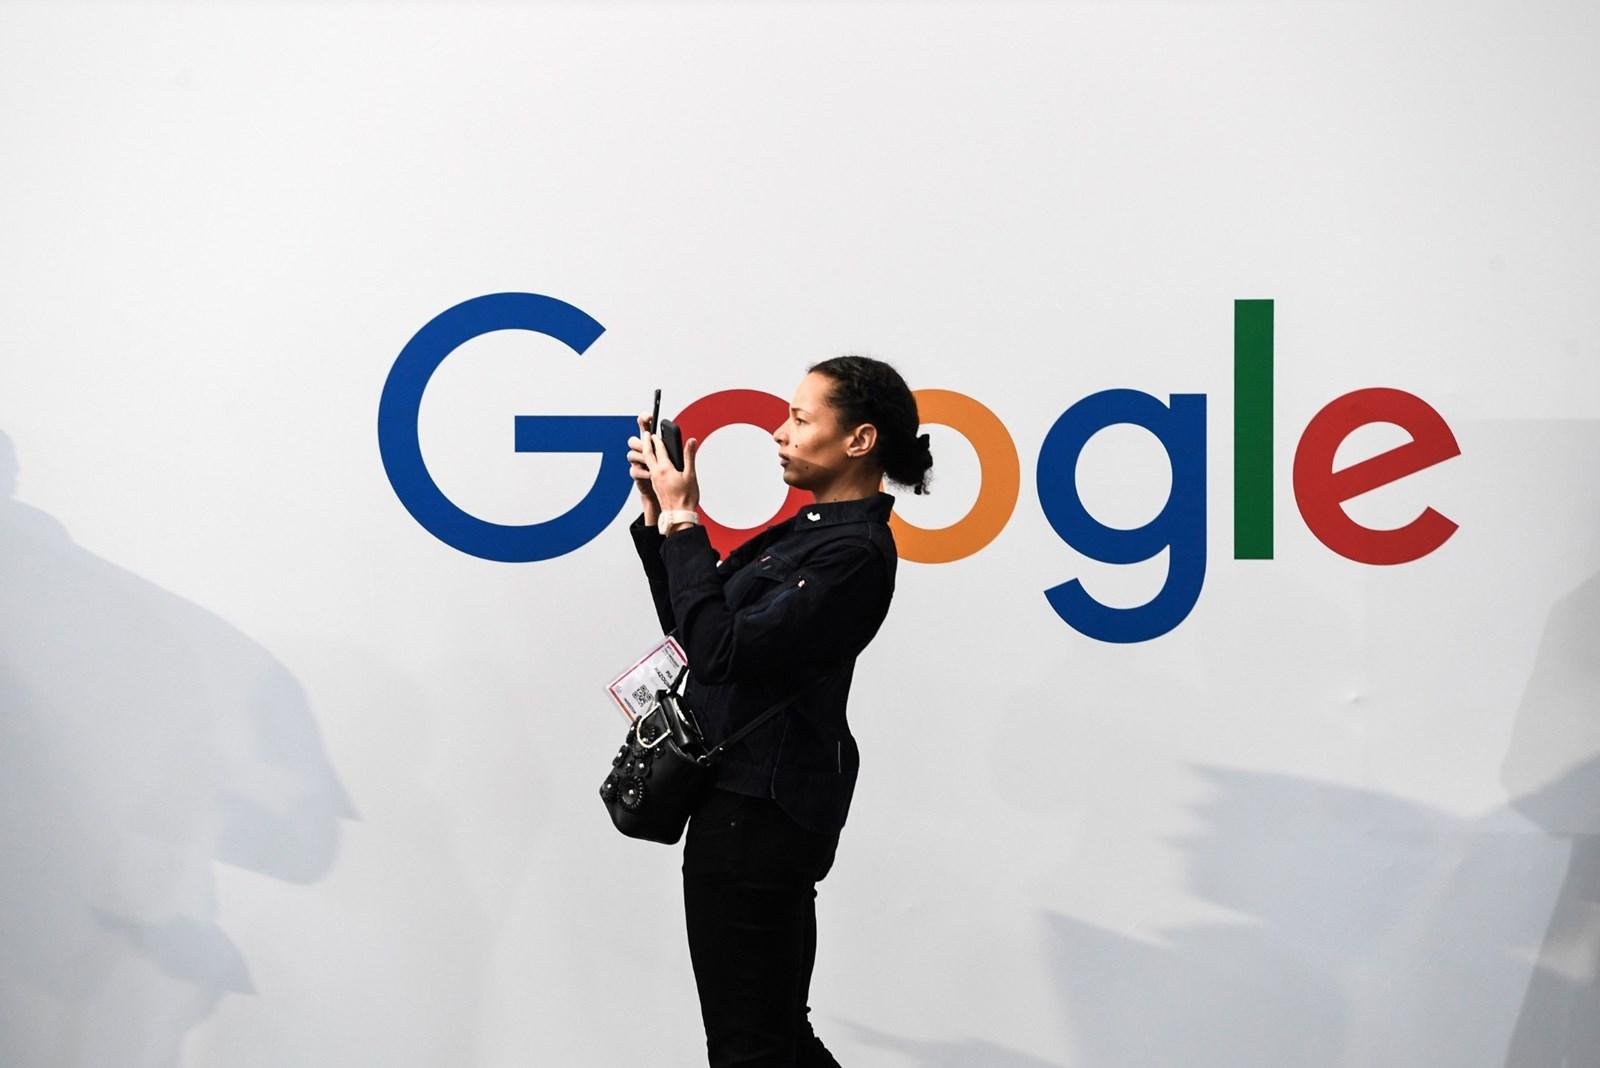 Gmail: Aufregung um angebliche Einkaufsspionage durch Google